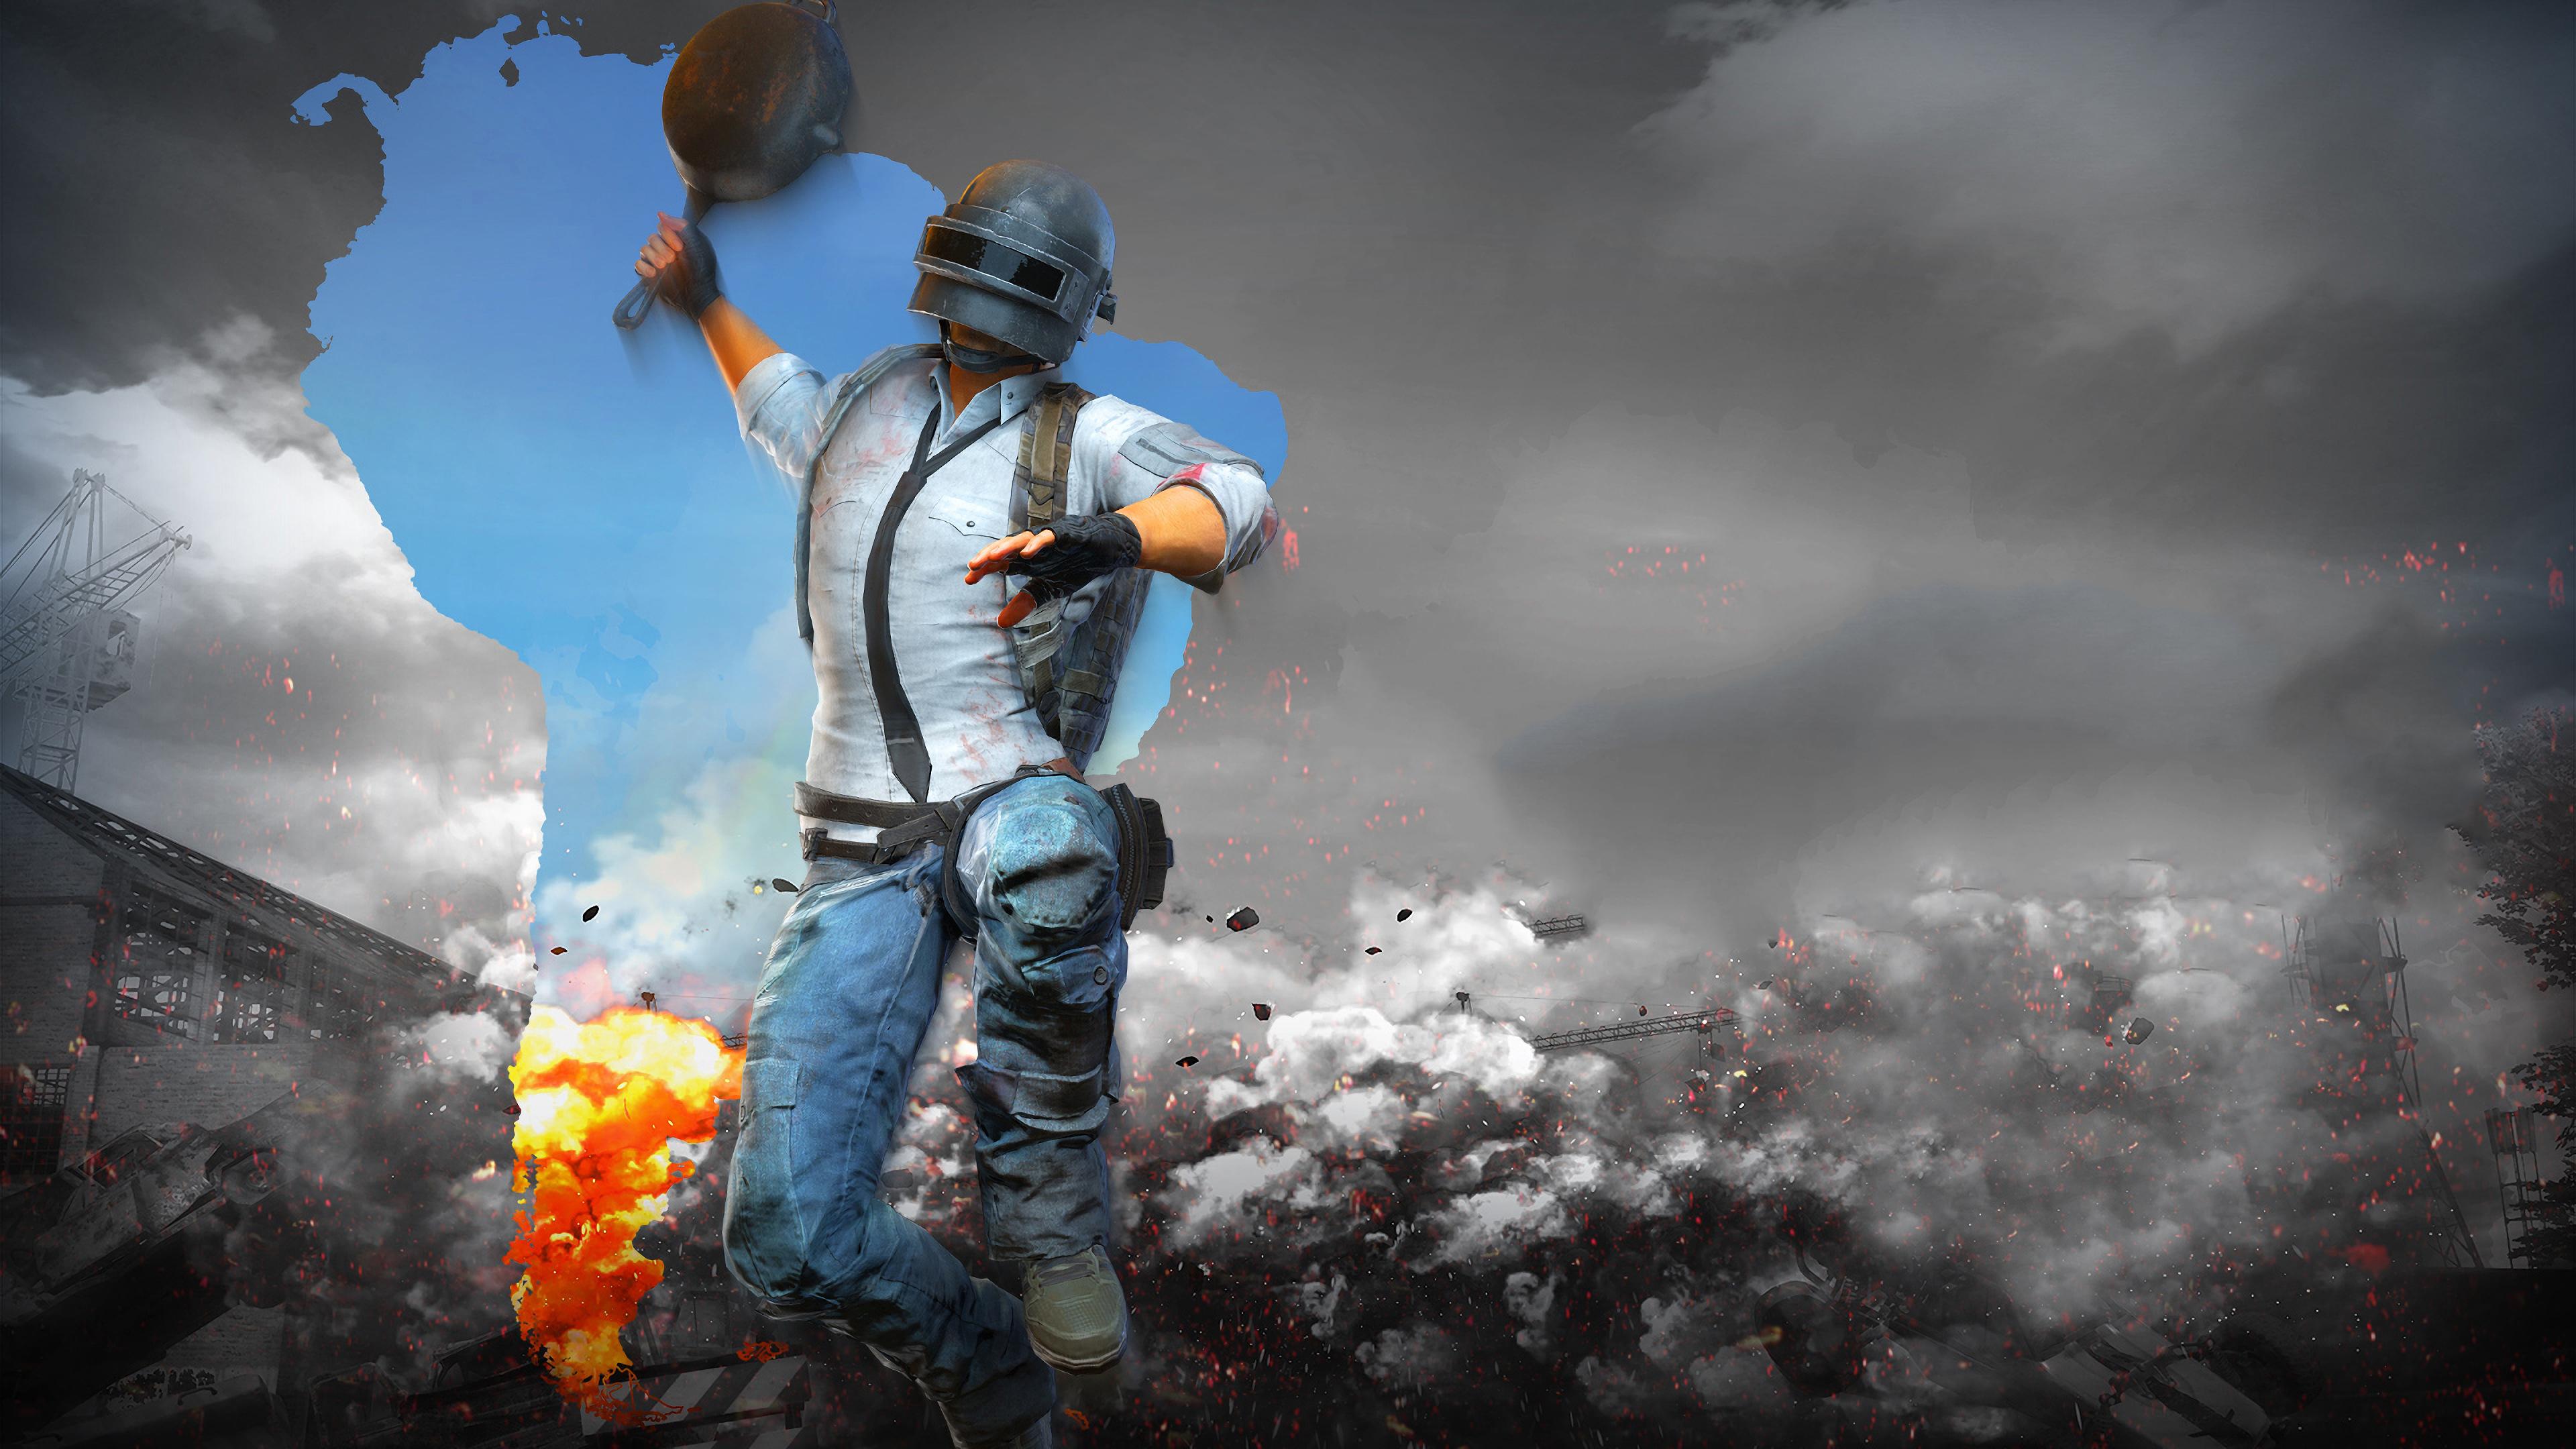 PUBG Helmet Man With Pan 4k, HD Games, 4k Wallpapers ...